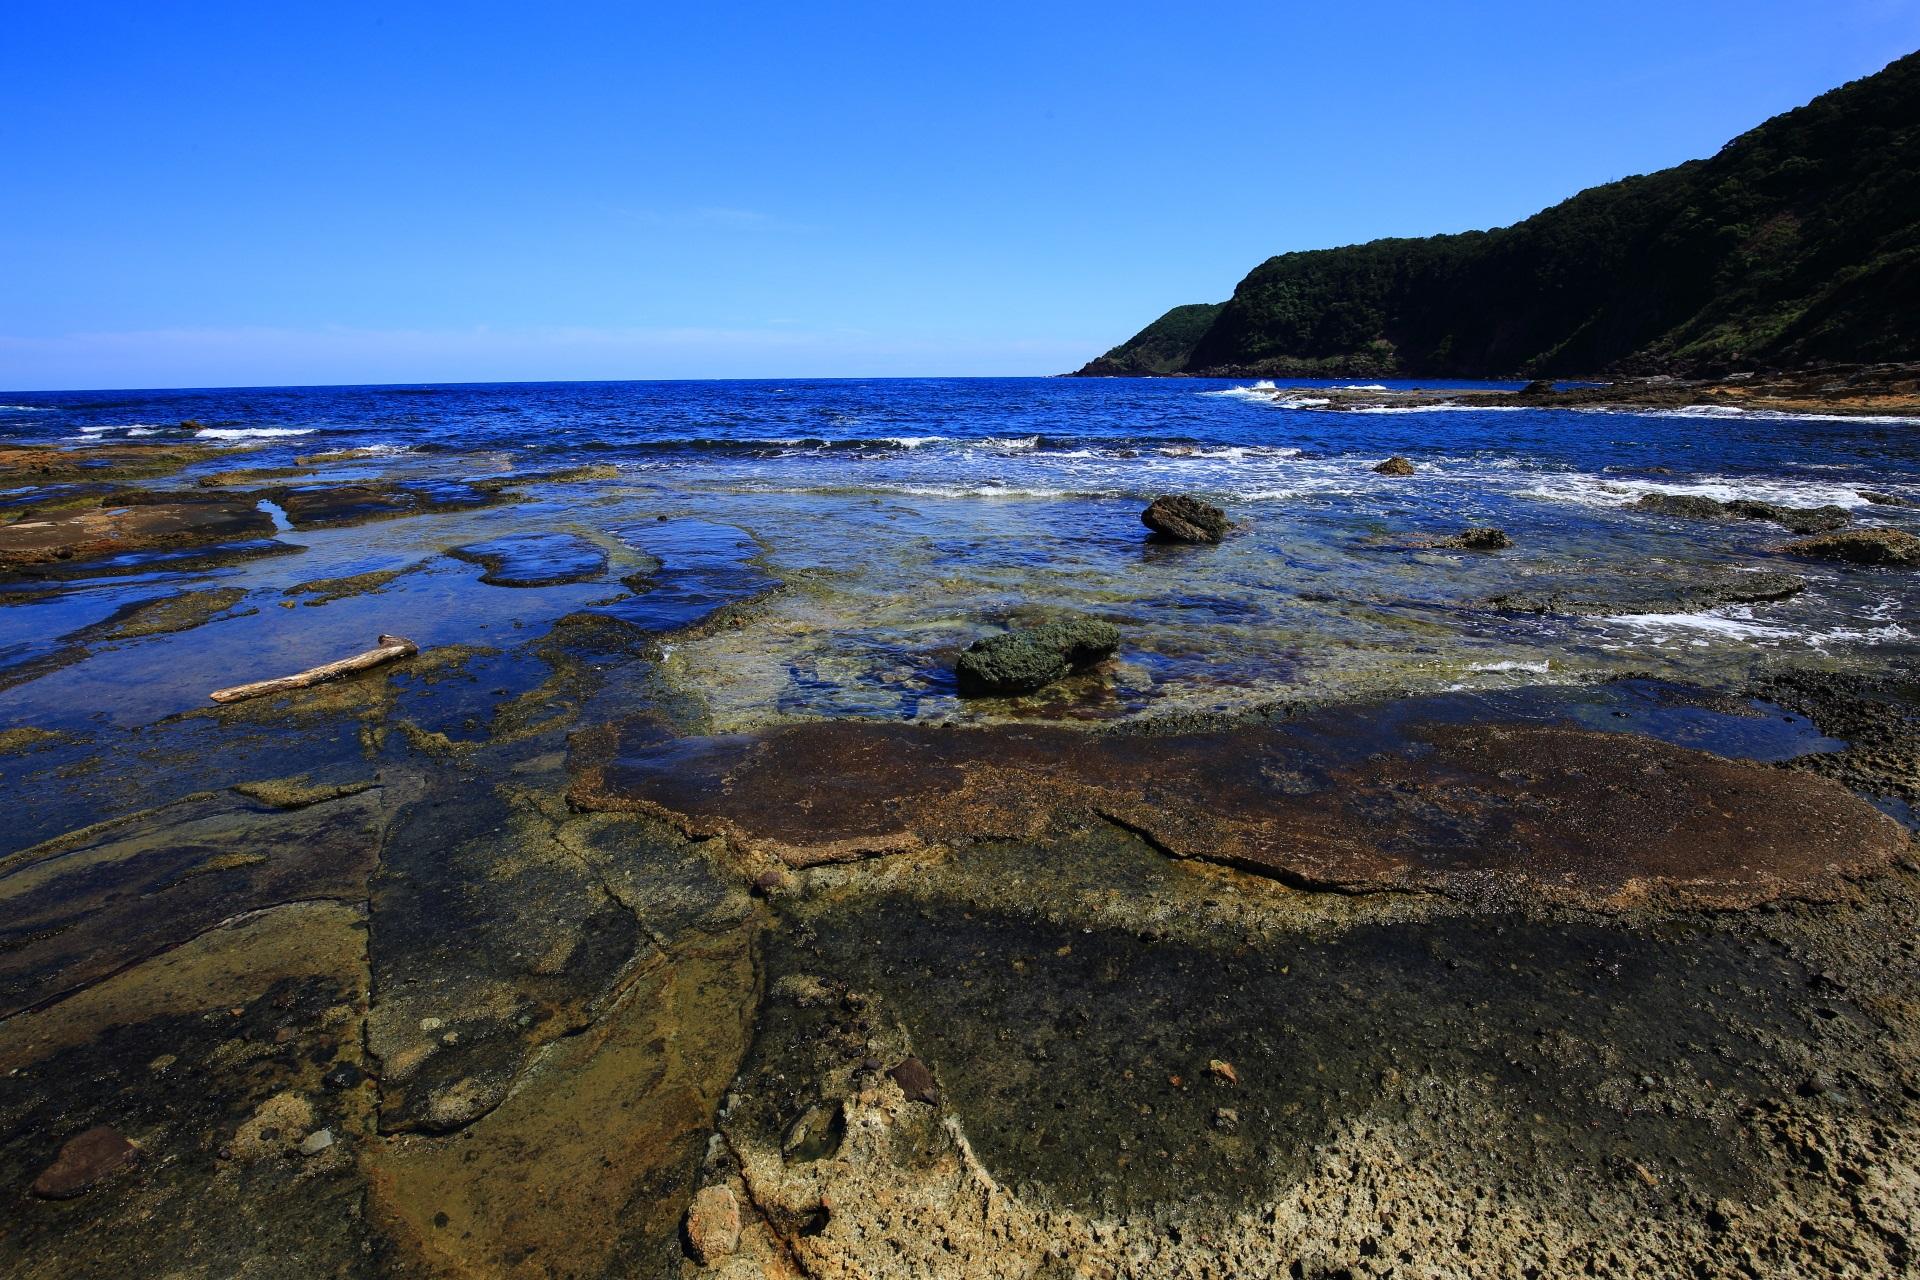 素晴らしい五色浜と京丹後の海の情景